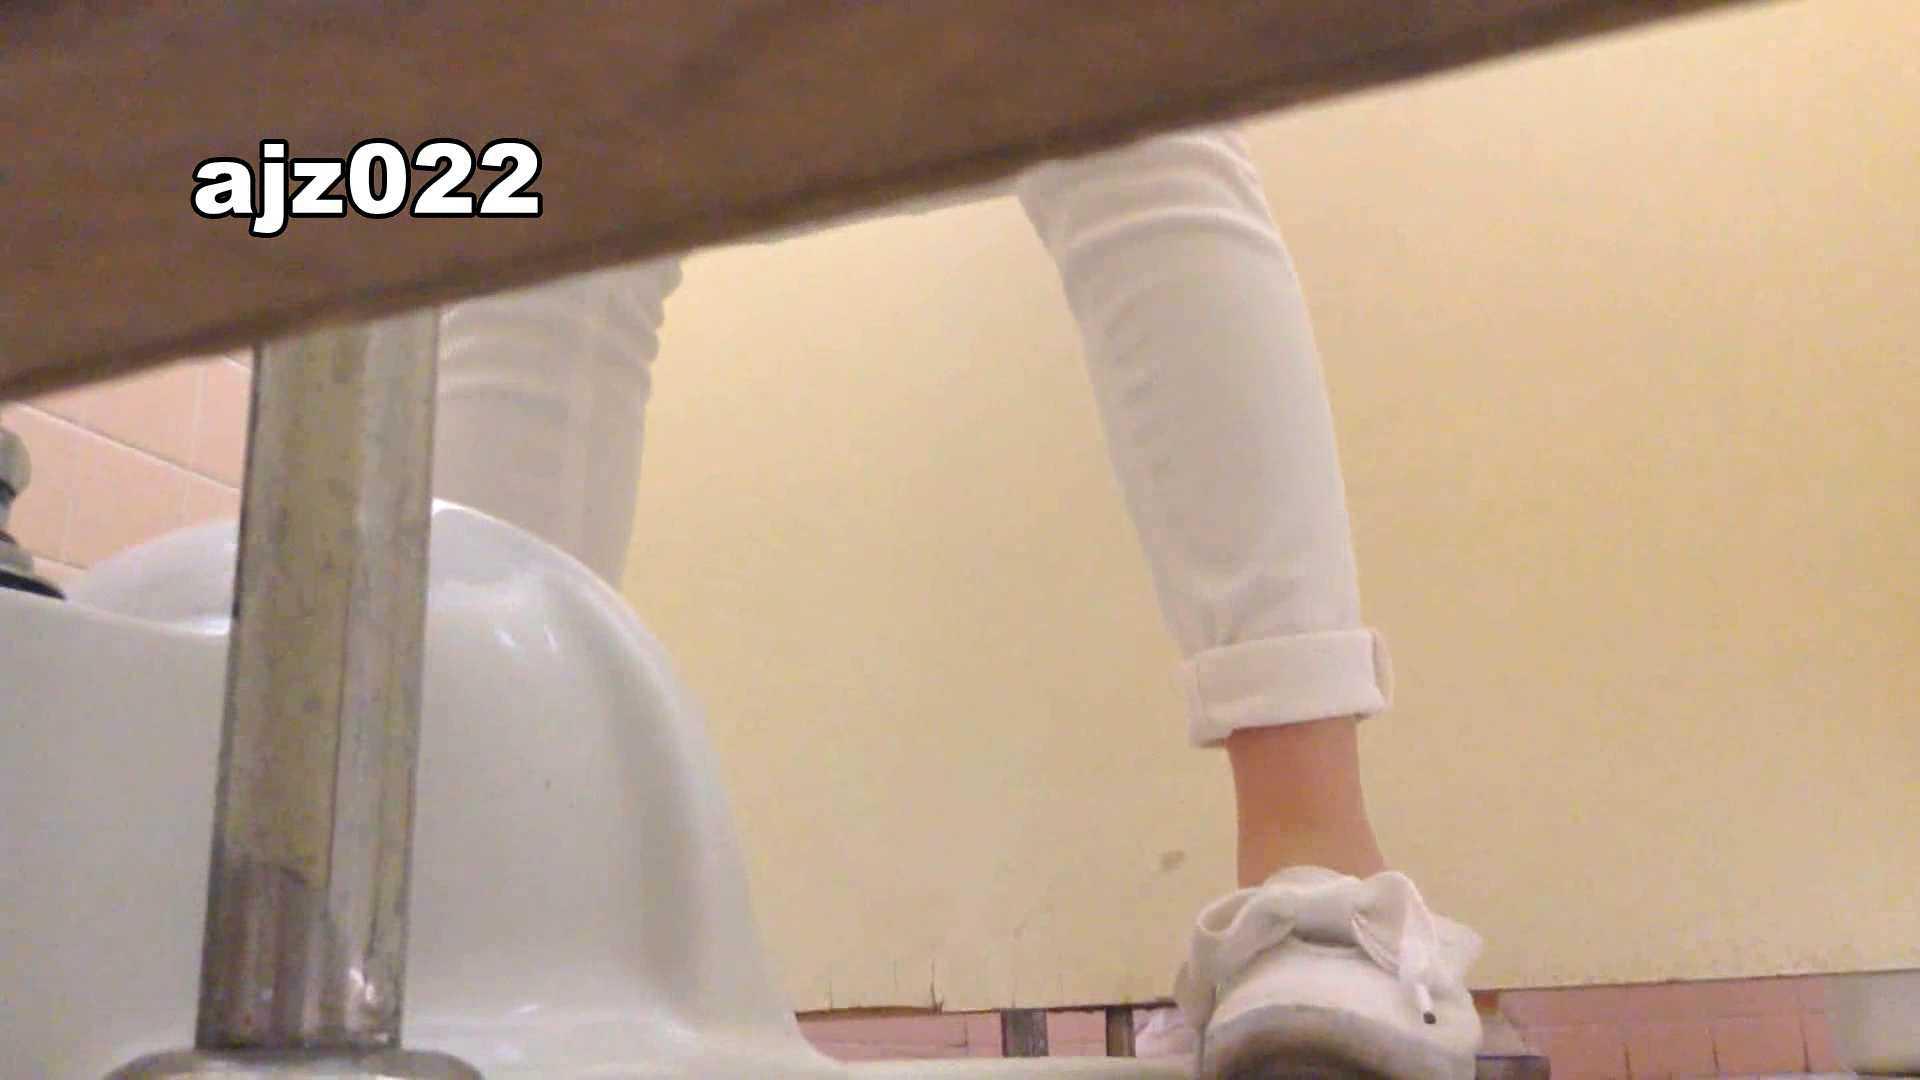 某有名大学女性洗面所 vol.22 排泄 戯れ無修正画像 21連発 11